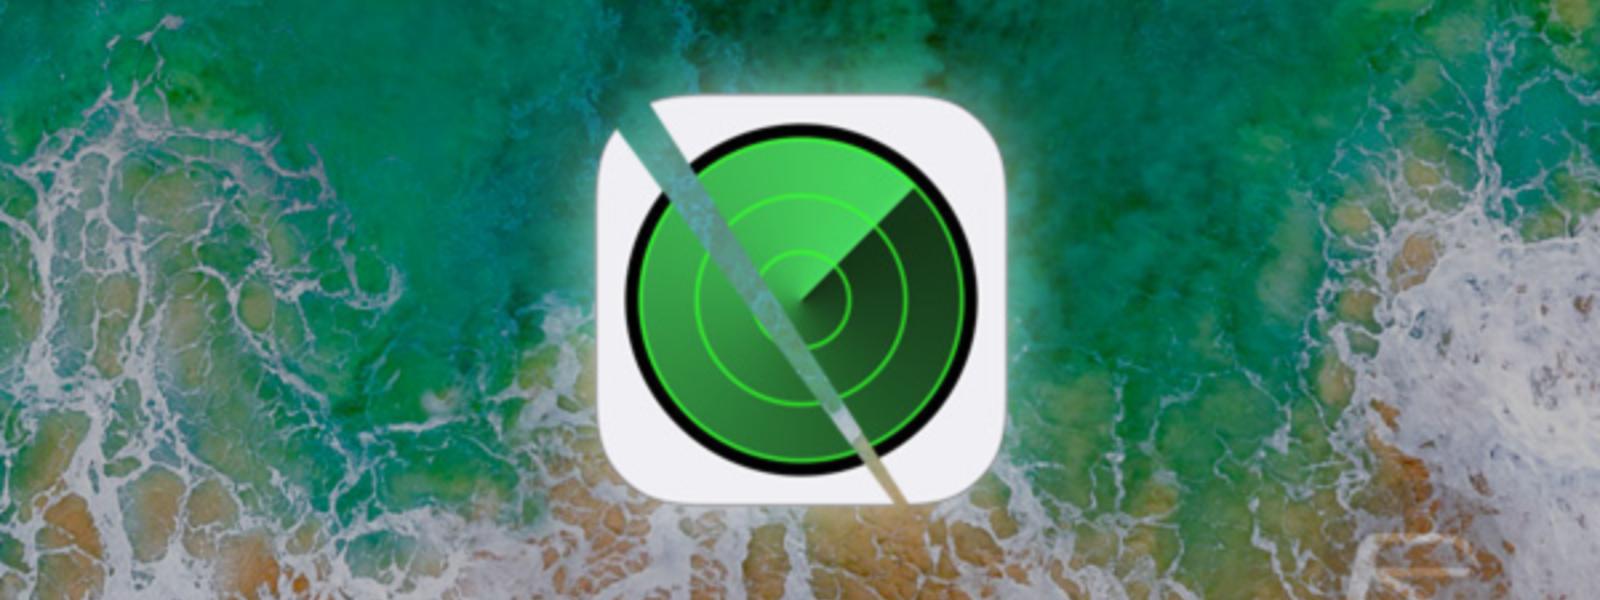 Zdalne zdjęcie blokady iCloud i Find My iPhone - krok po kroku